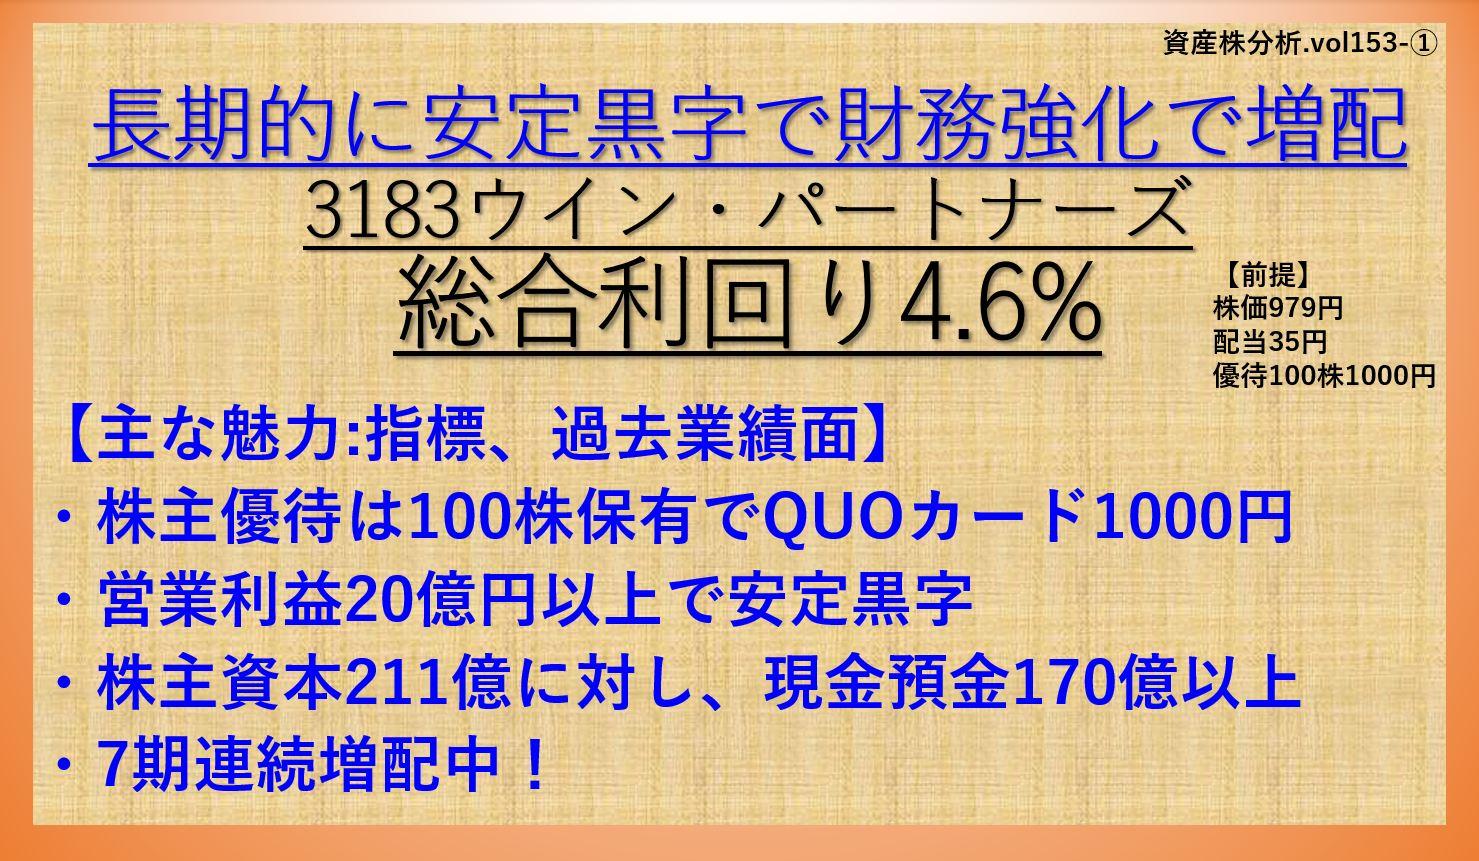 資産株-3183-ウイン・パートナーズ-①